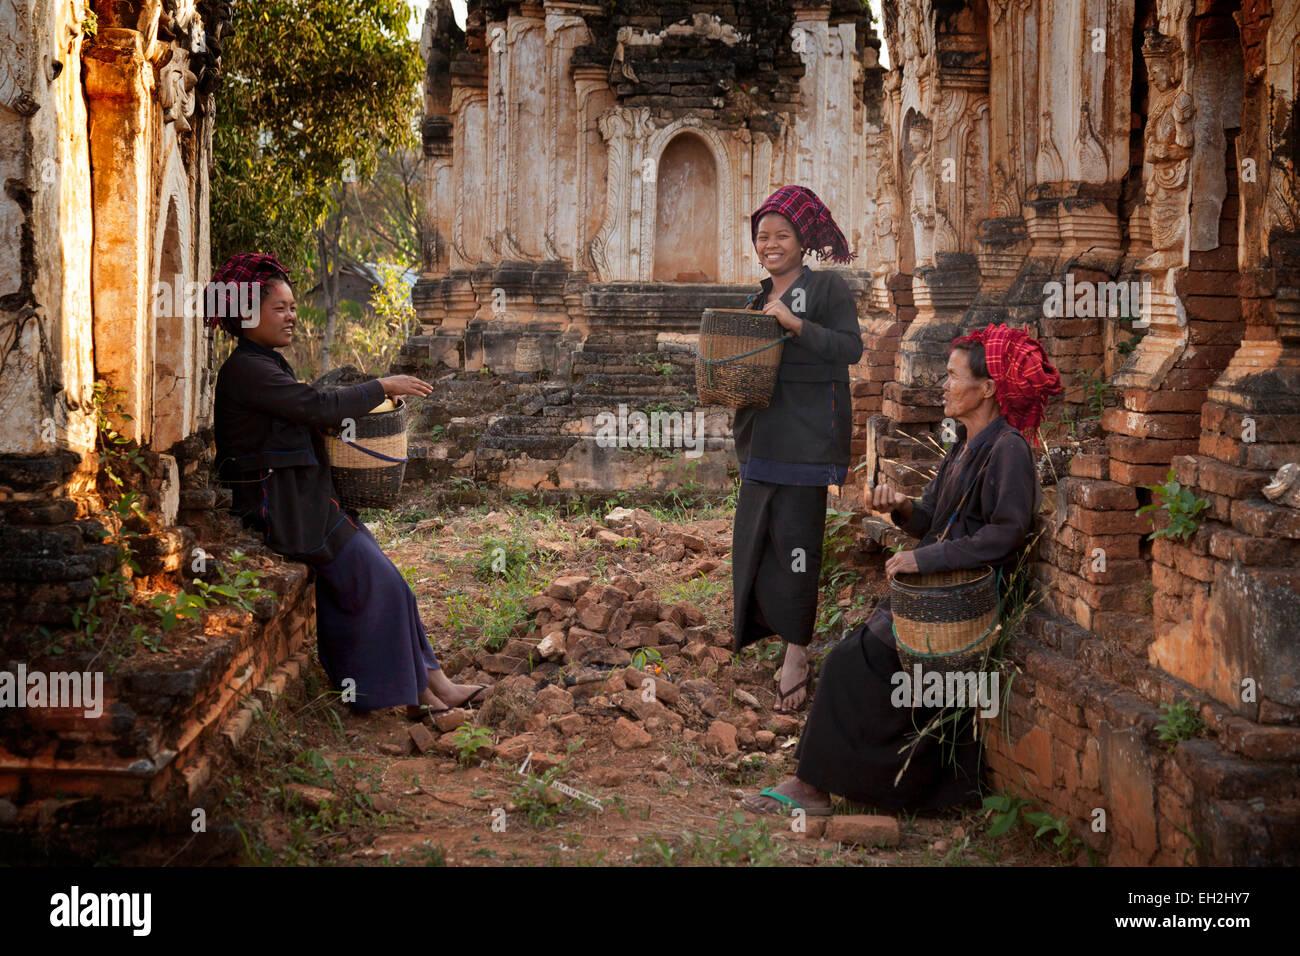 Trois femmes birmans de parler dans les ruines de la pagode Shwe Inn Tain, au Lac Inle, Myanmar ( Birmanie ), l'Asie Photo Stock